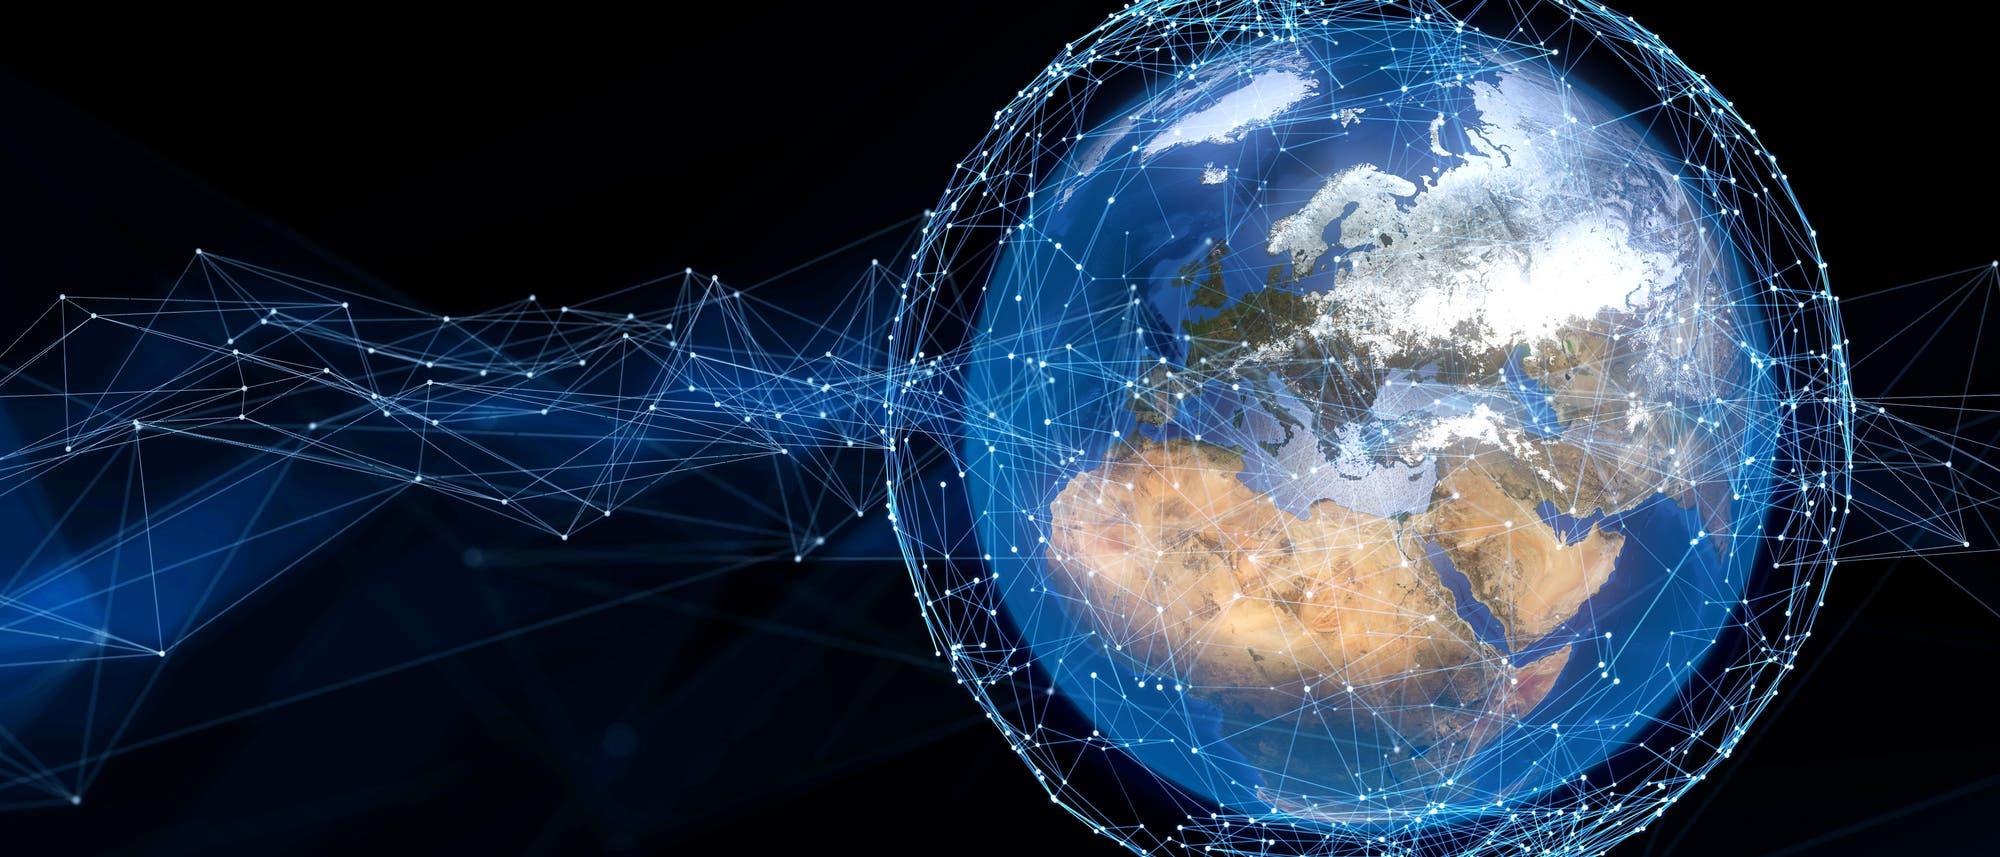 Erde mit Satelliten